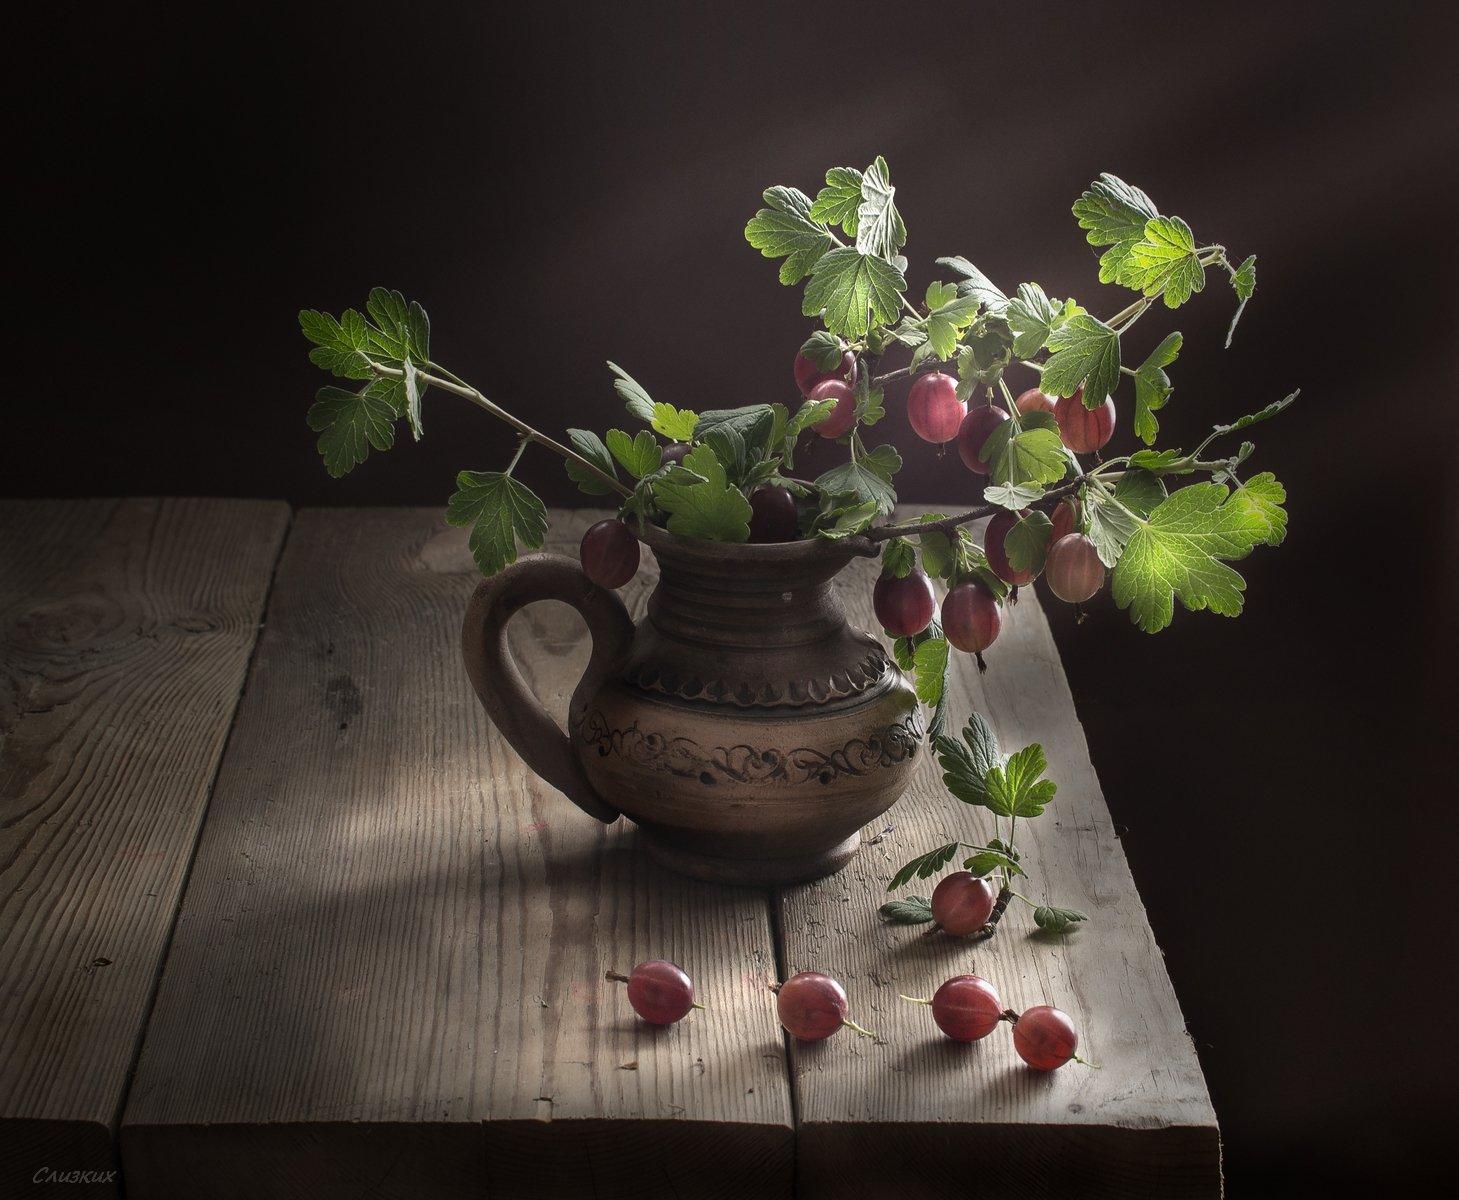 натюрморт,ягода,крыжовник,молочник,лето,вкус,свет, Инаида